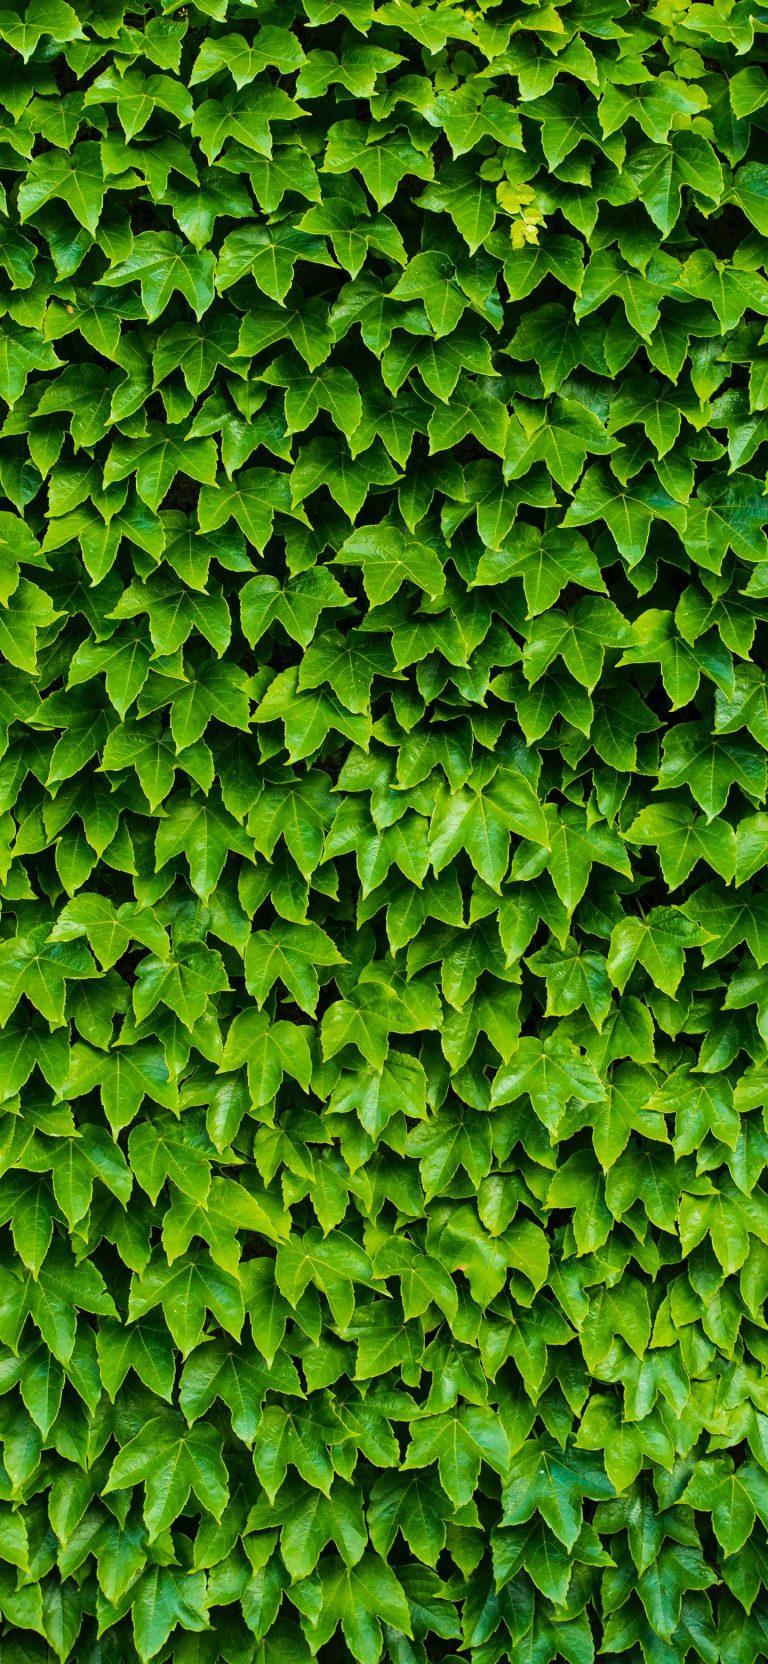 1440x3120 Wallpaper 062 768x1664